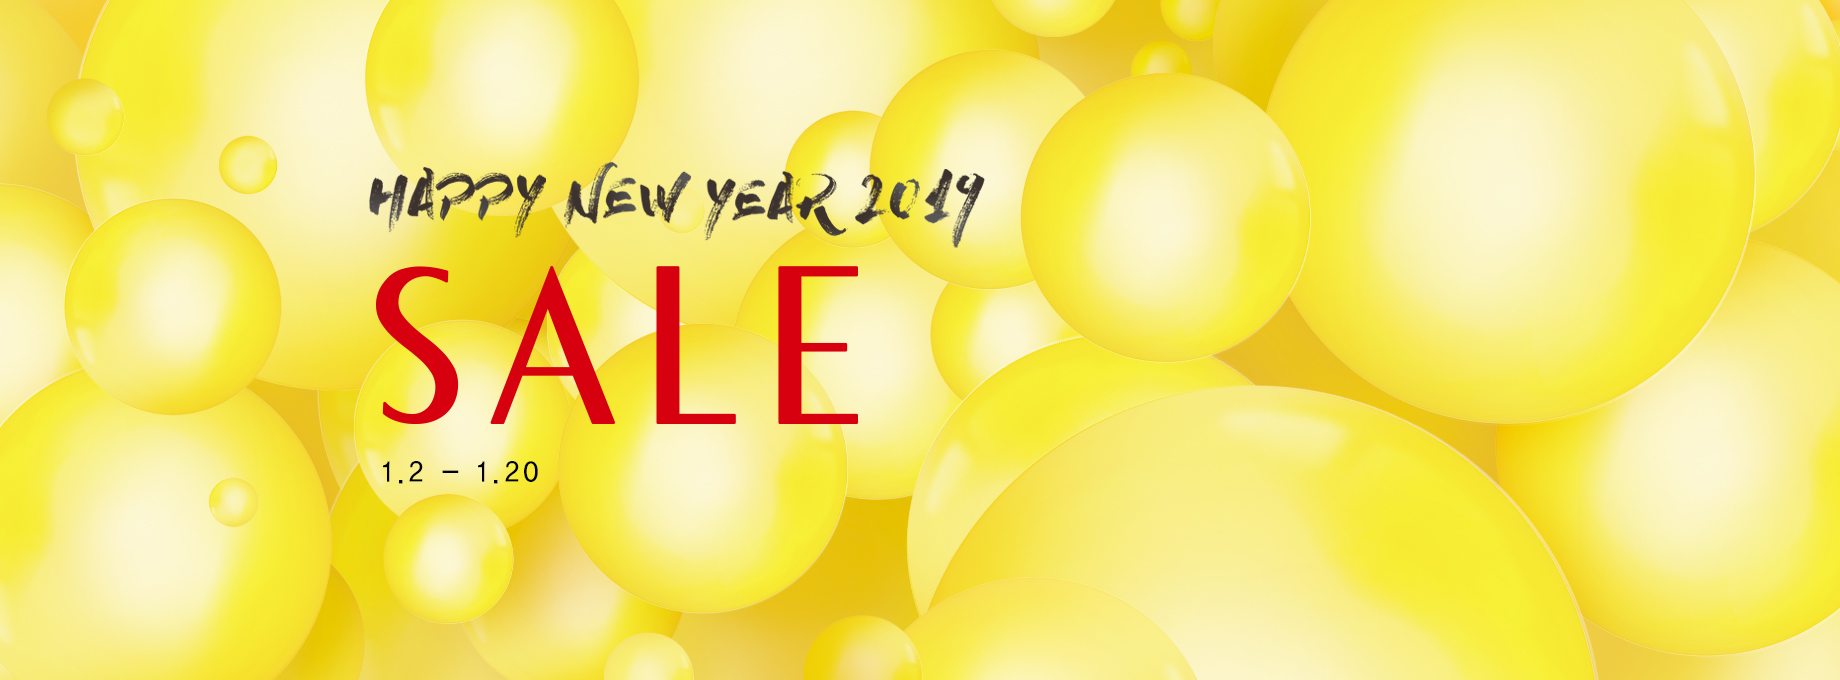 HAPPY NEW YEAR 2019 SALE 기간 : 1월 2일~1월20일